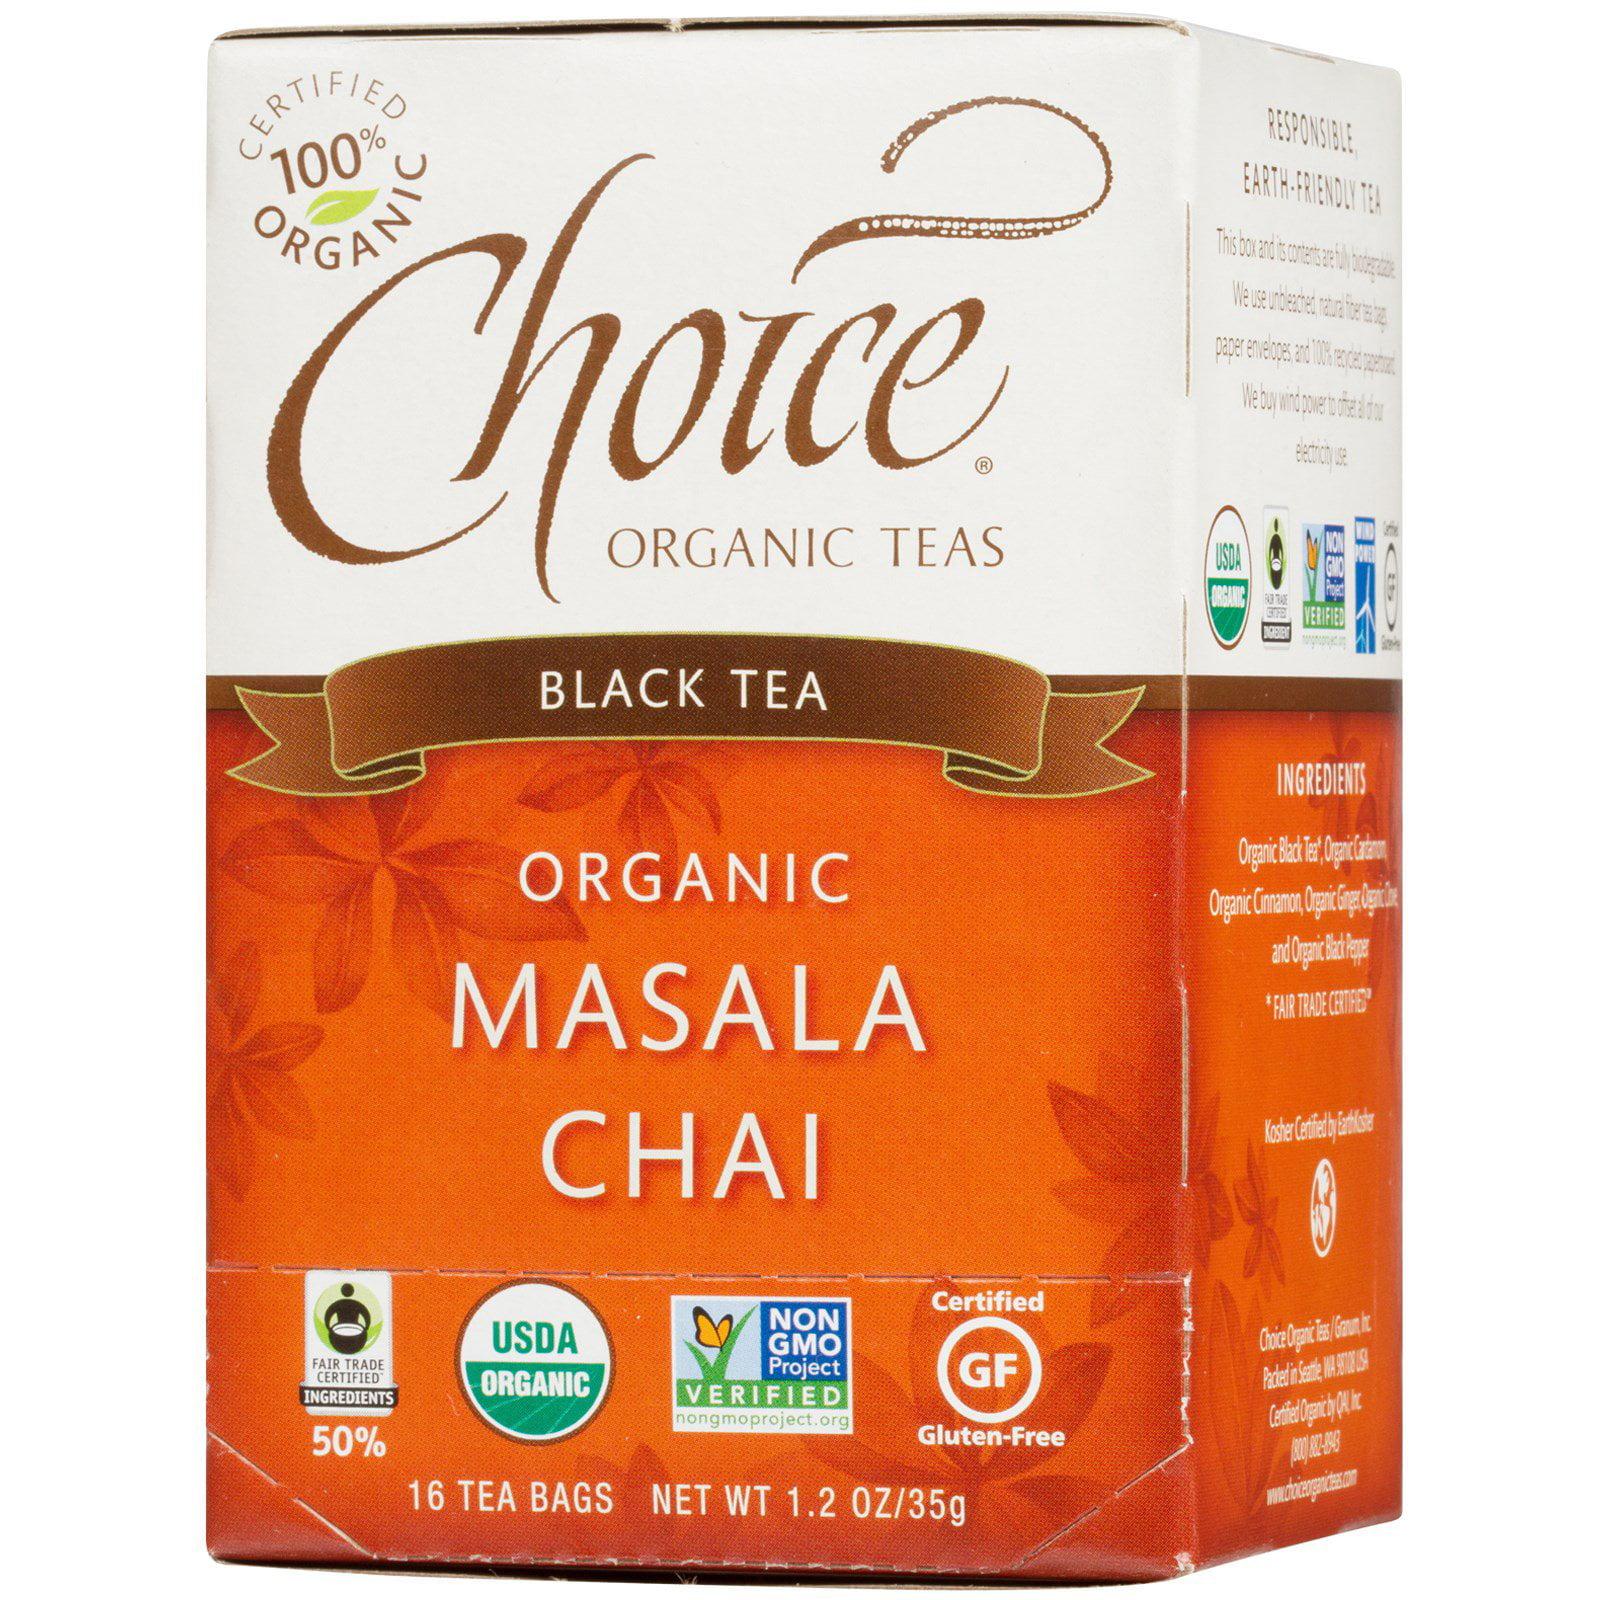 Choice Organic Teas, Black Tea, Organic, Masala Chai, 16 Tea Bags, 1.2 oz(pack of 4)